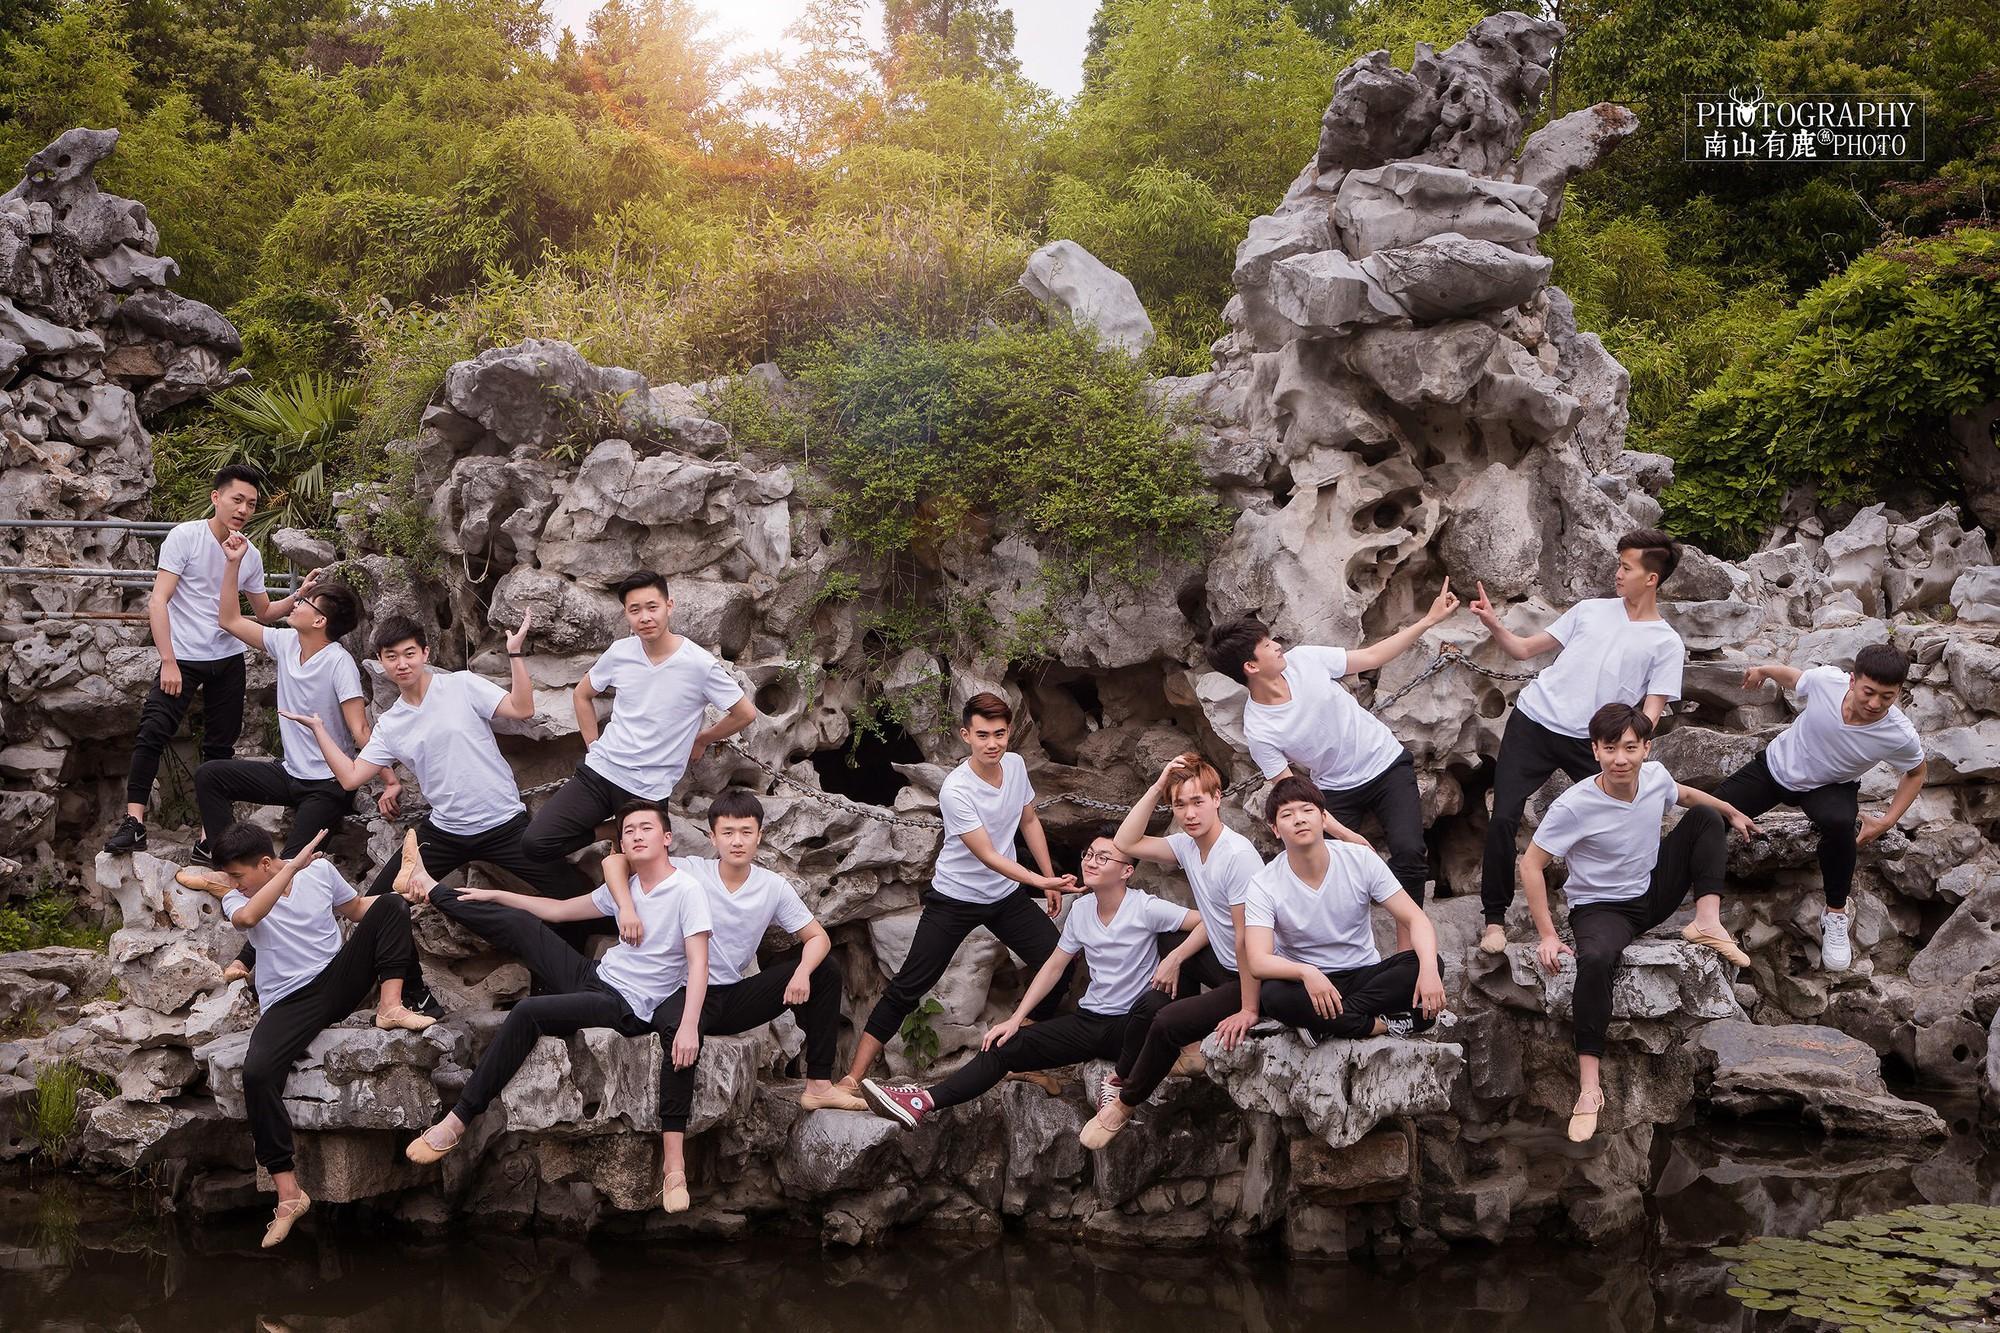 Kỷ yếu của học sinh Trung Quốc: Lầy lội nhưng sáng tạo và chất không kém Việt Nam - Ảnh 15.